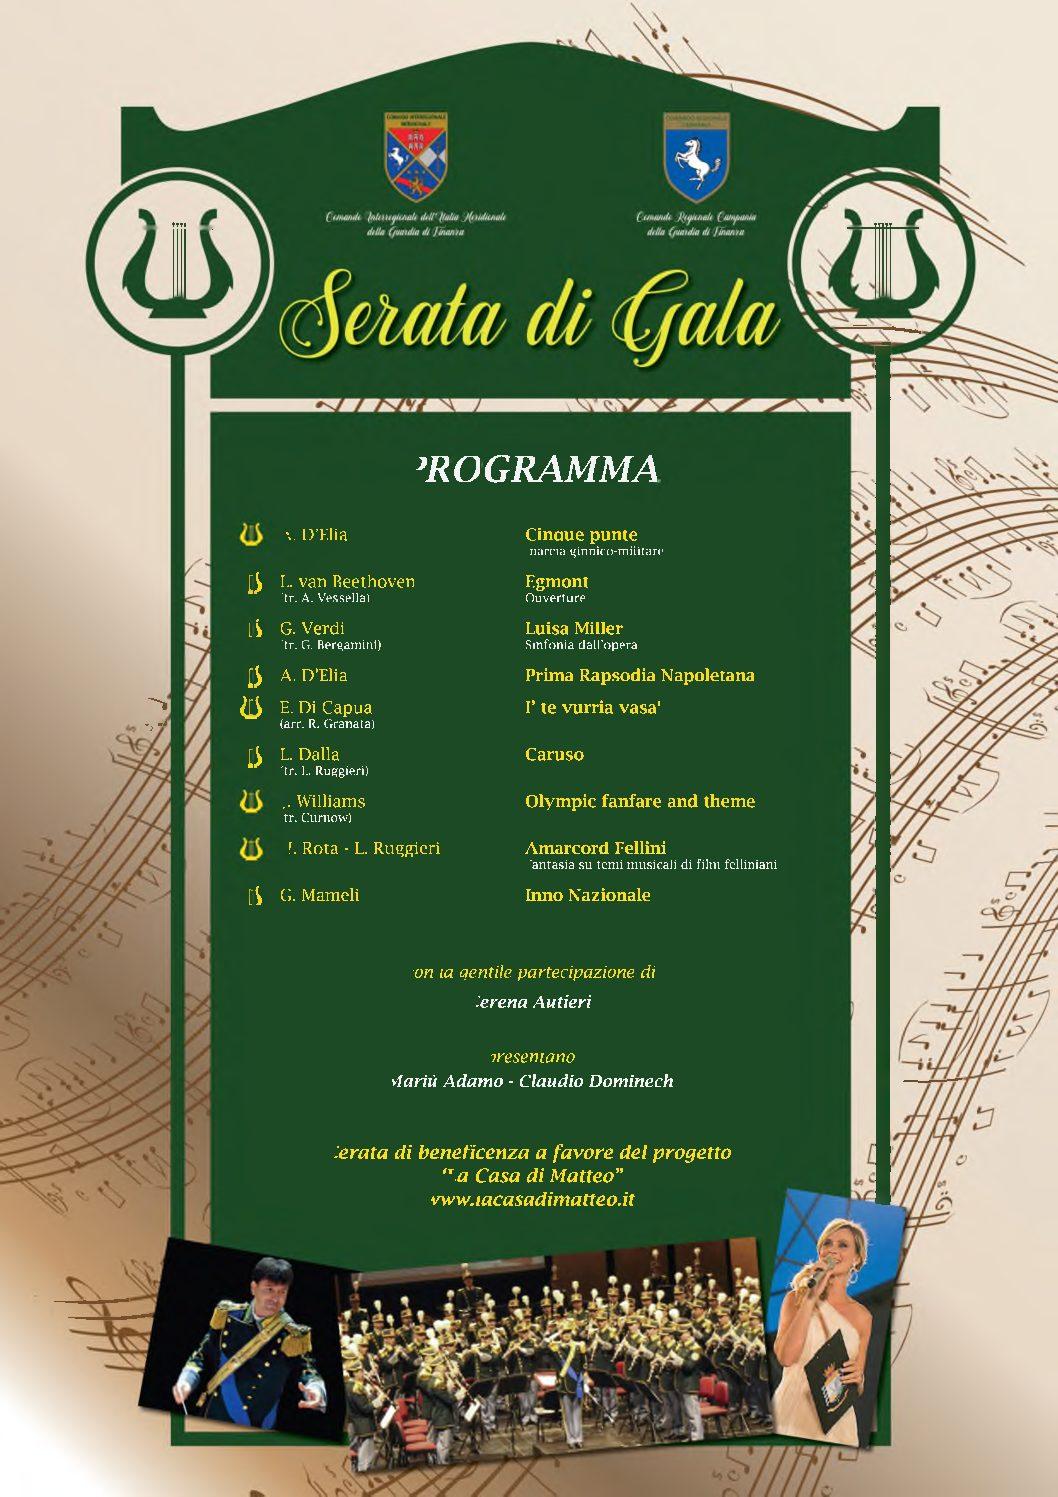 Venerdì 21 febbraio al Teatro Mediterraneo il concerto della Banda della Guardia di Finanza